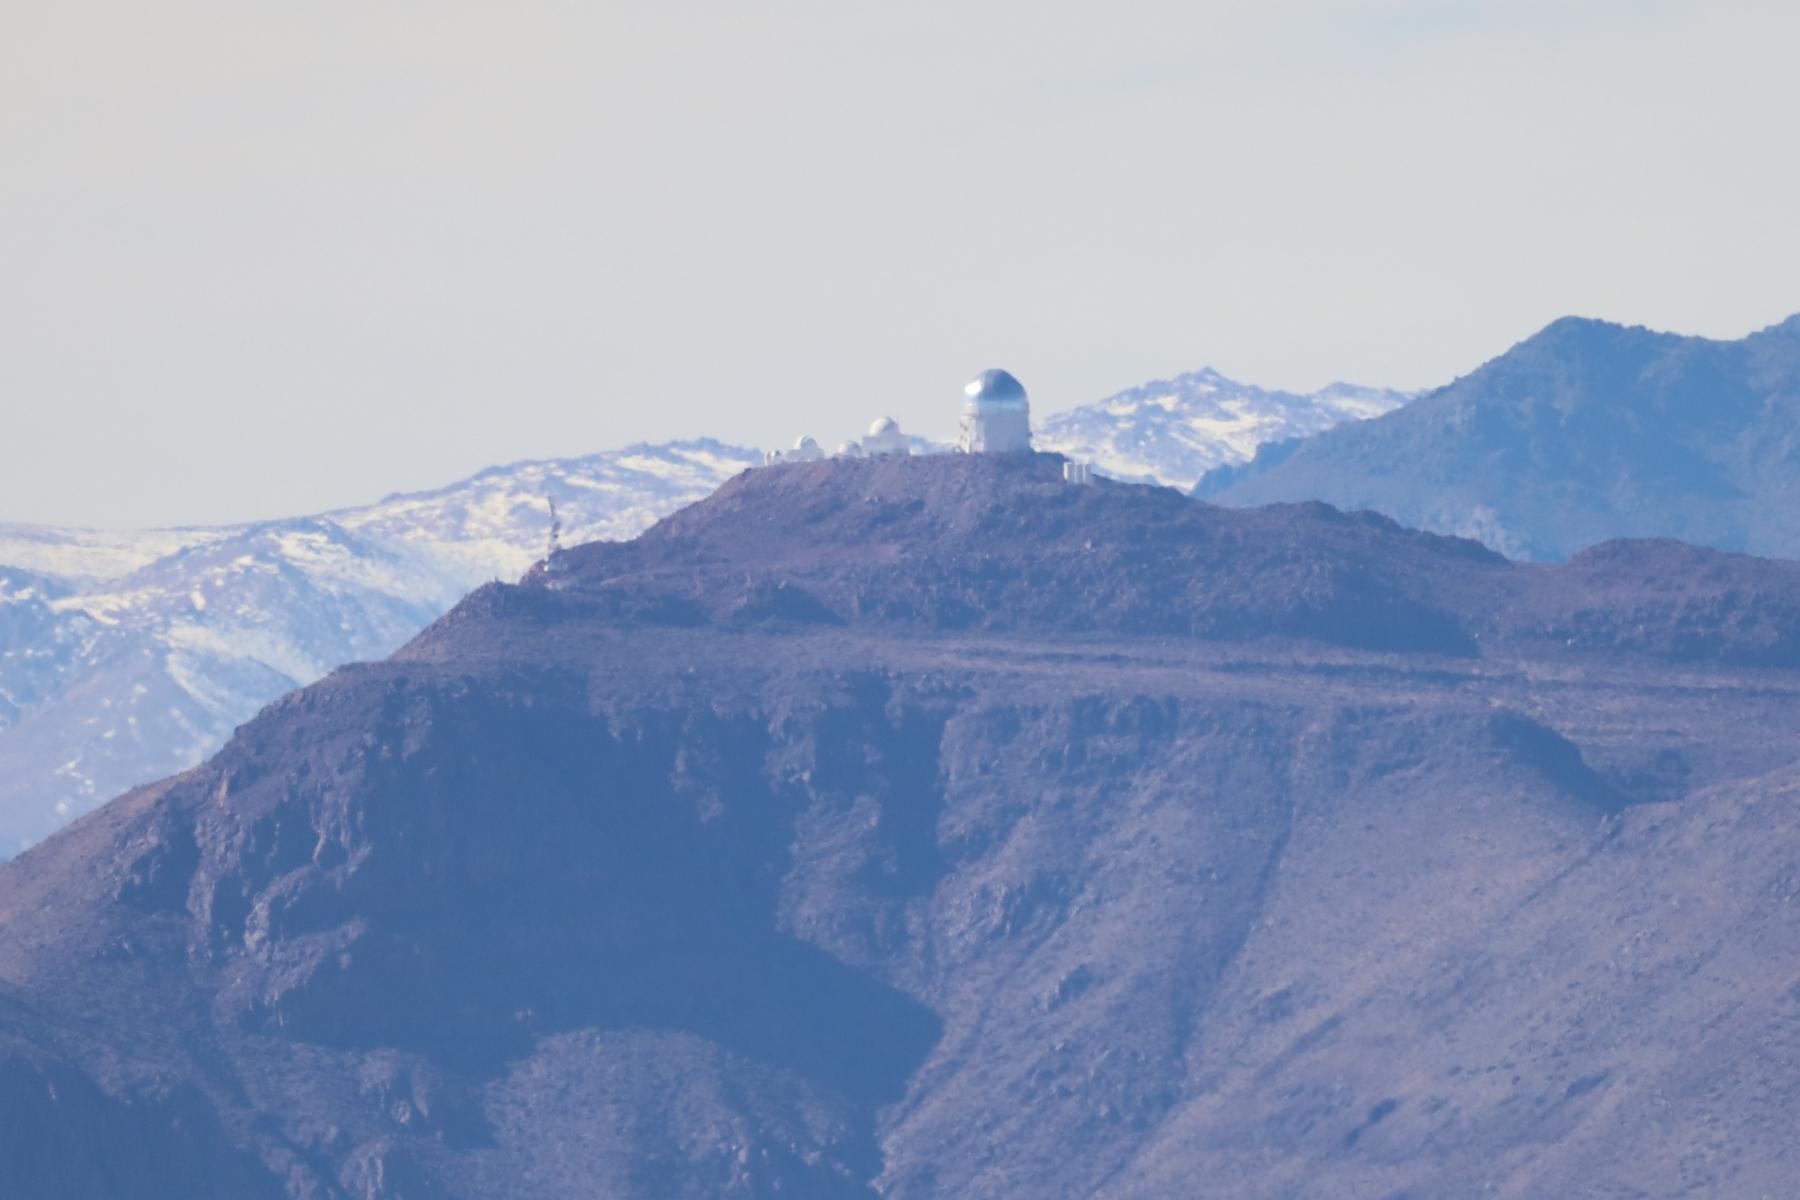 Cerro_Tololo_2019_06_30_IMG_0172